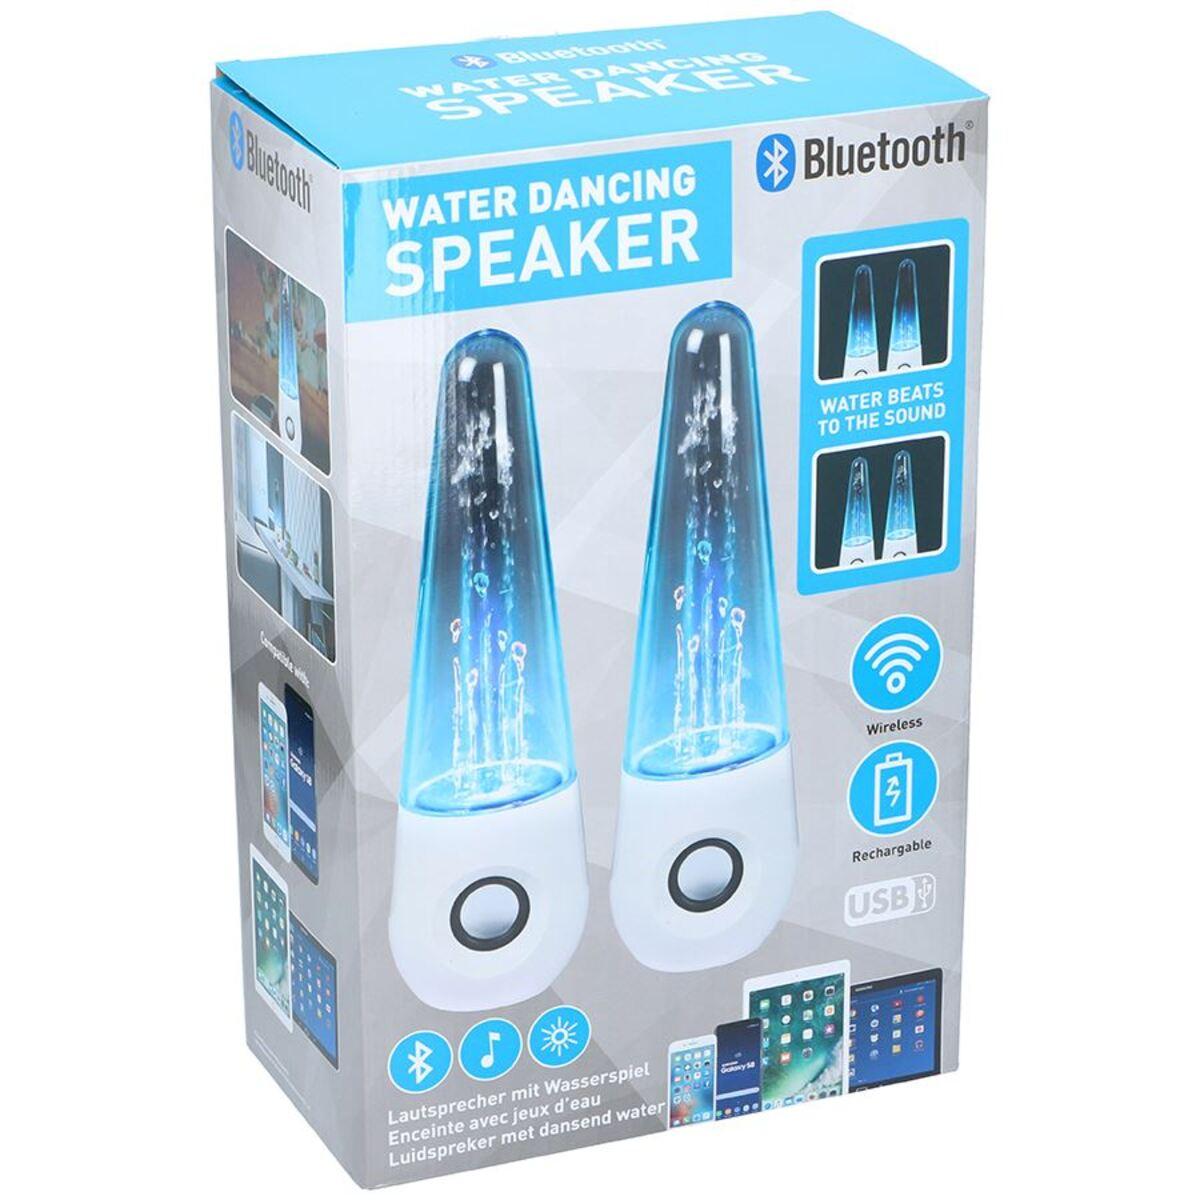 Bild 3 von LED-Lautsprecher DP-989D mit Wasserfontäne 2er-Set